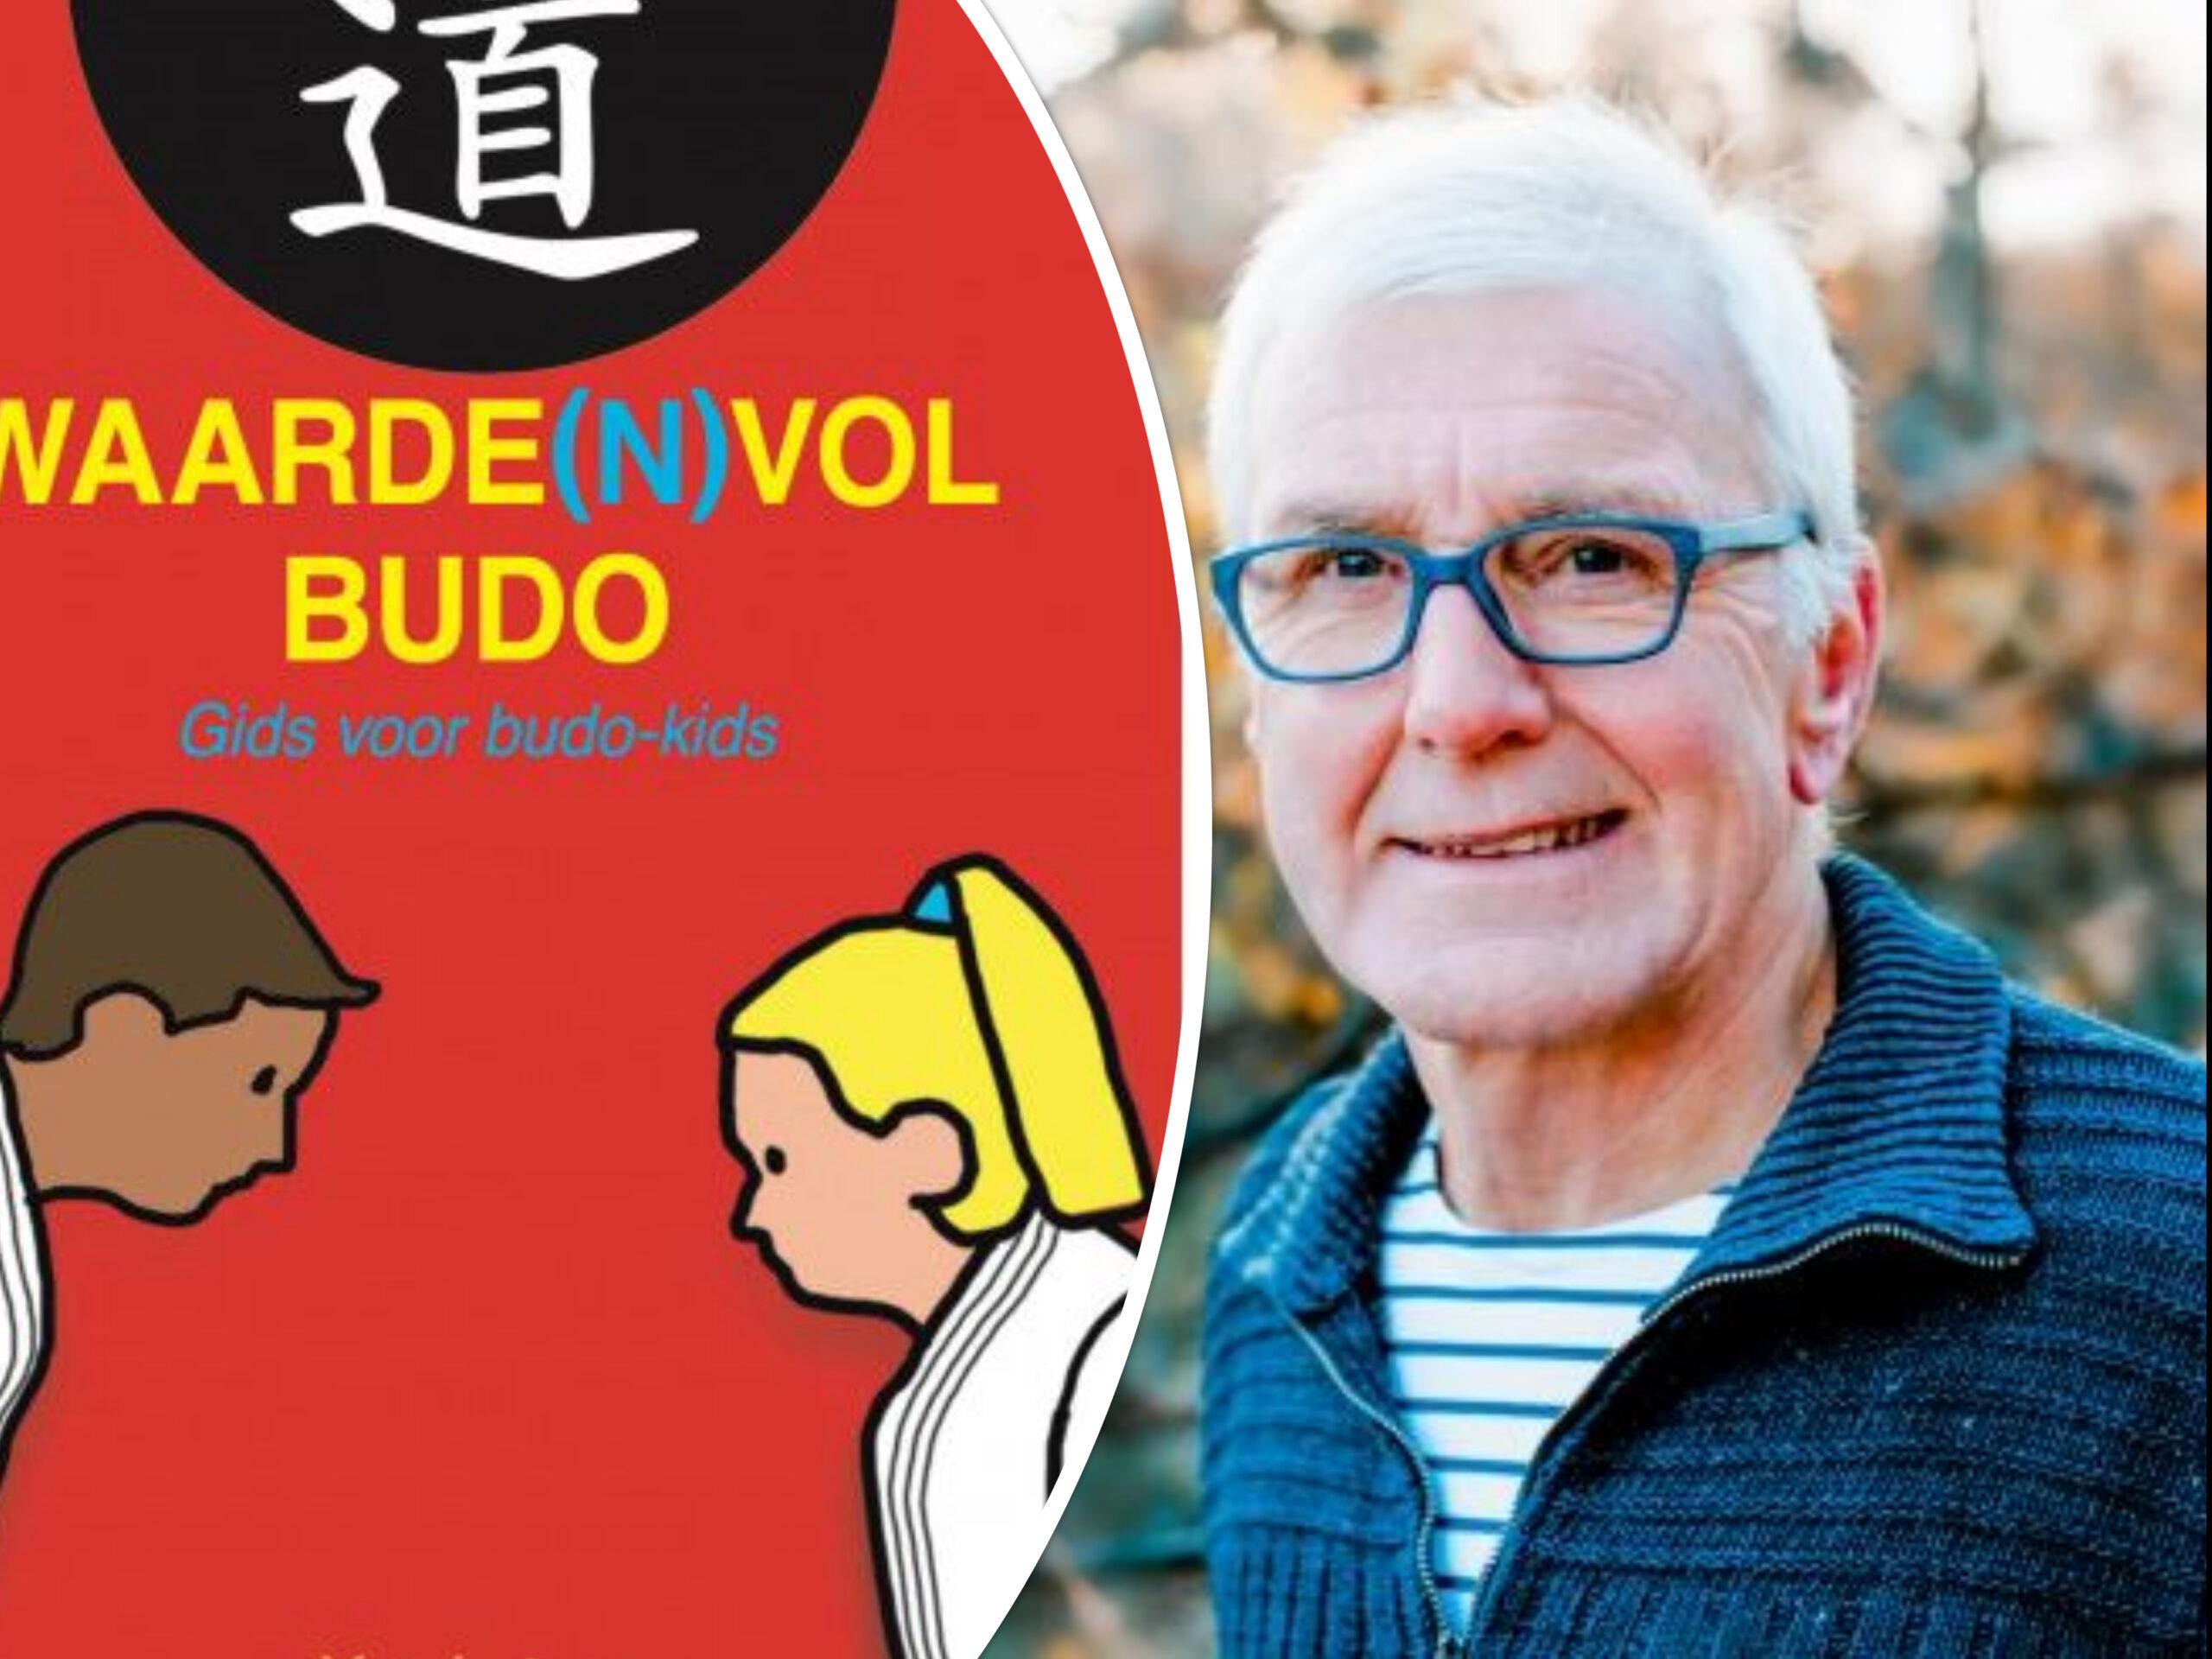 """Jan Barends: """"Een prachtige tool voor de collega budo-leraar."""""""